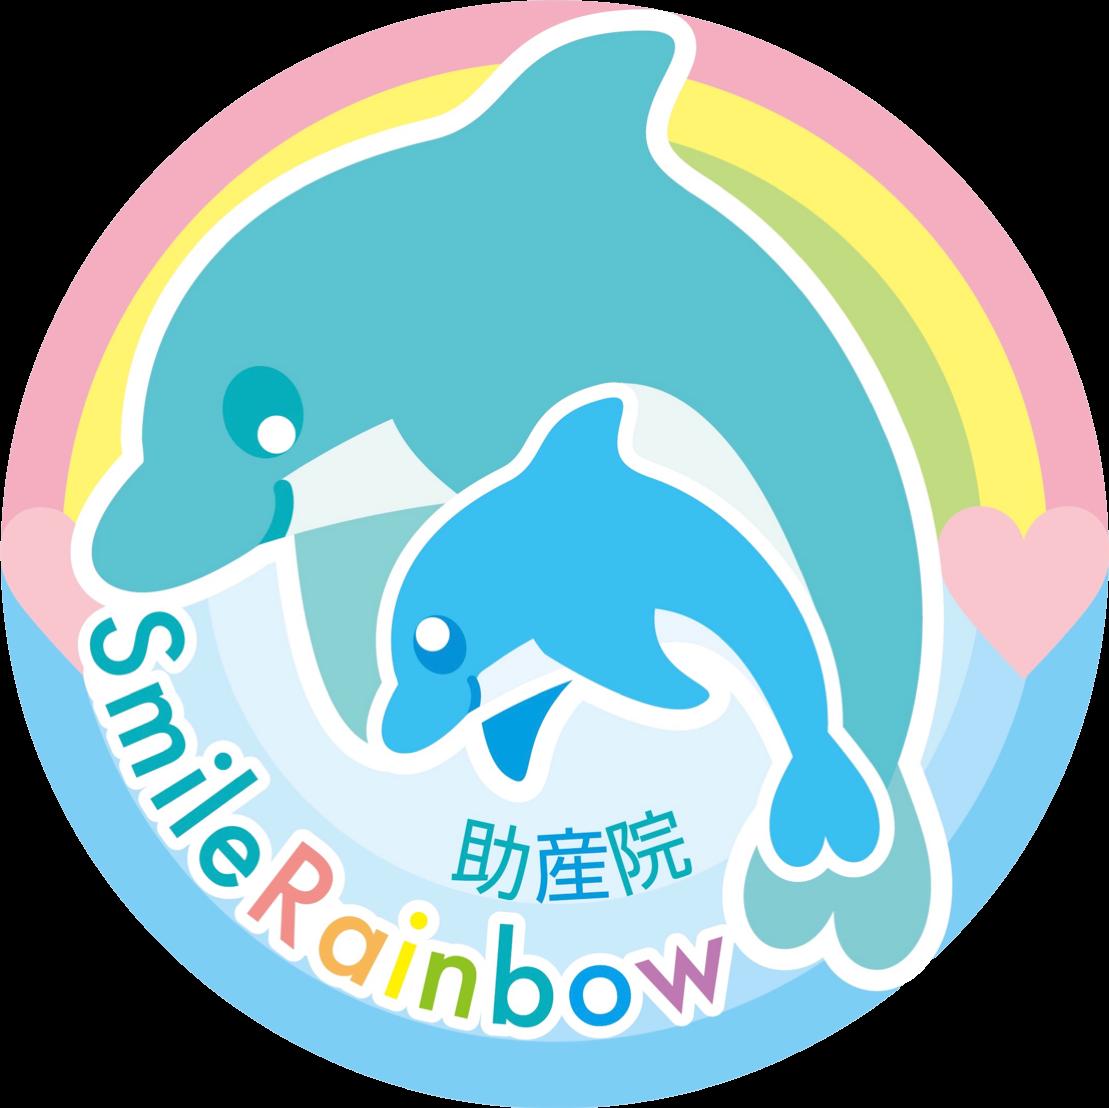 Smile Rainbow 助産院& Photo